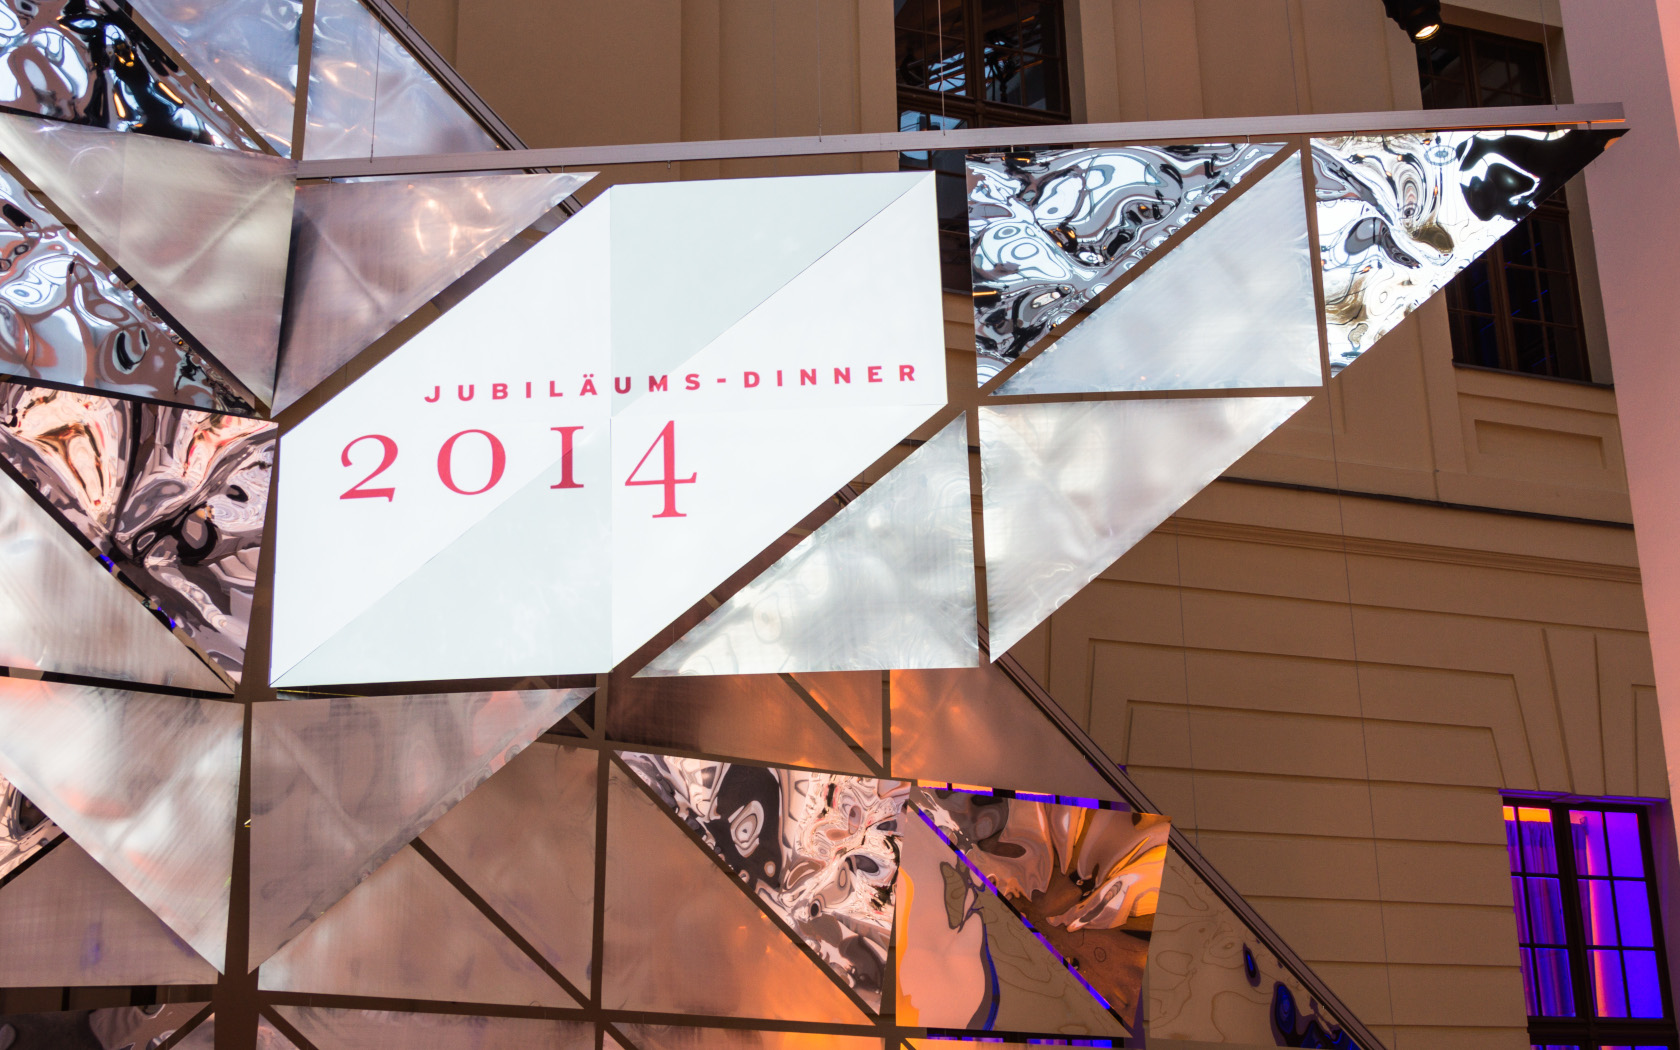 Szenographie- Bühnenbild, Jüdisches Museum Berlin, Preis für Verständigung und Toleranz, Dreiecke, Spiegeln, polystorol spiegel, 2014, keinStil.GmbH, Boris Banozic